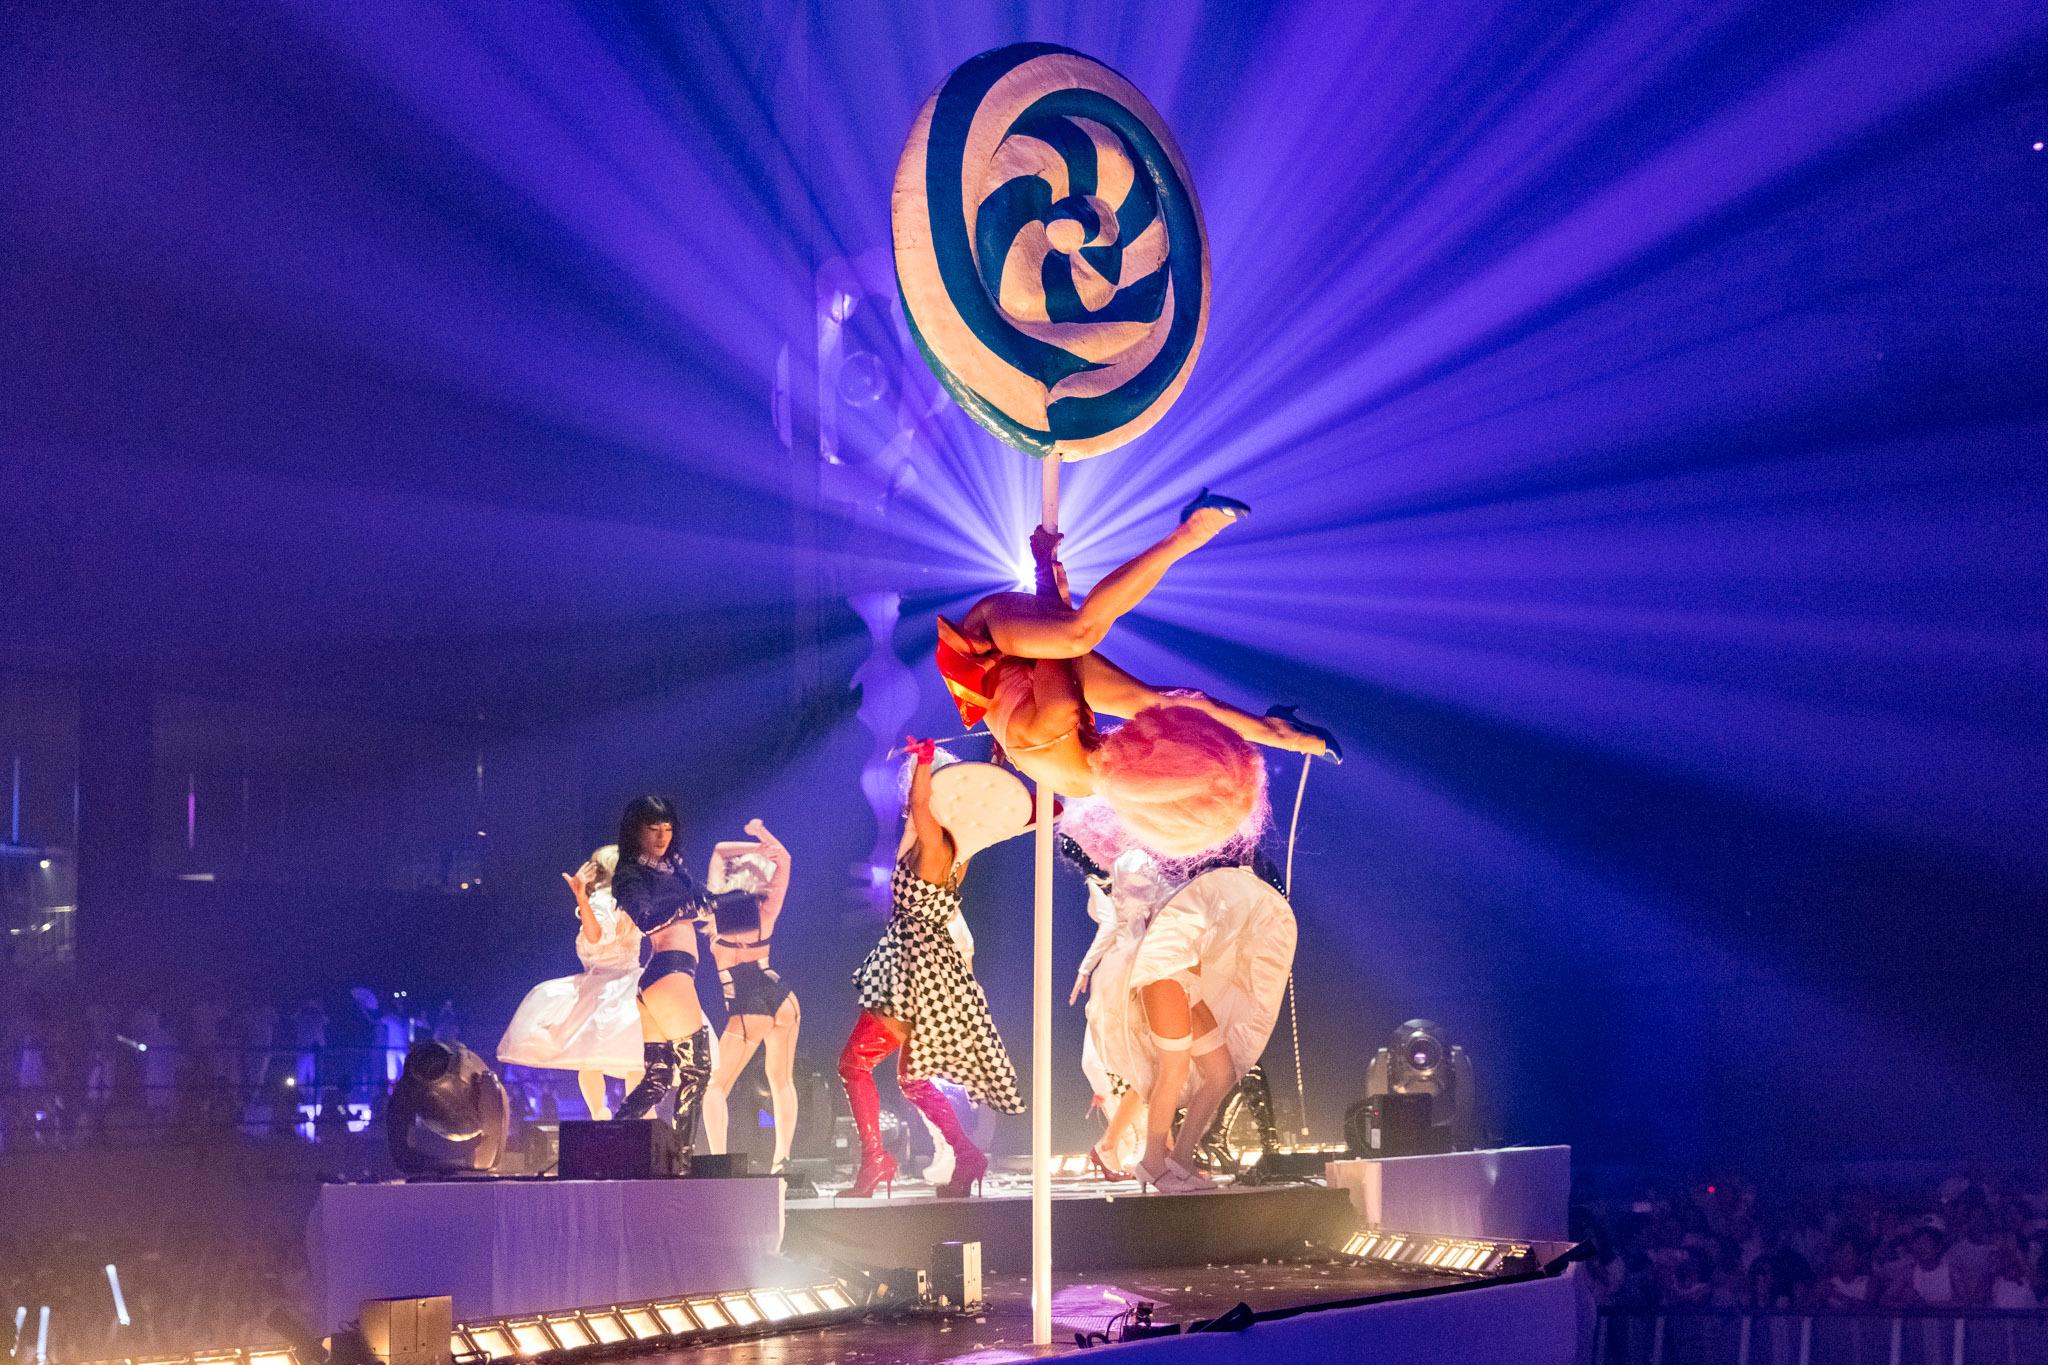 ポールダンスも披露、魅惑的なステージが演出される